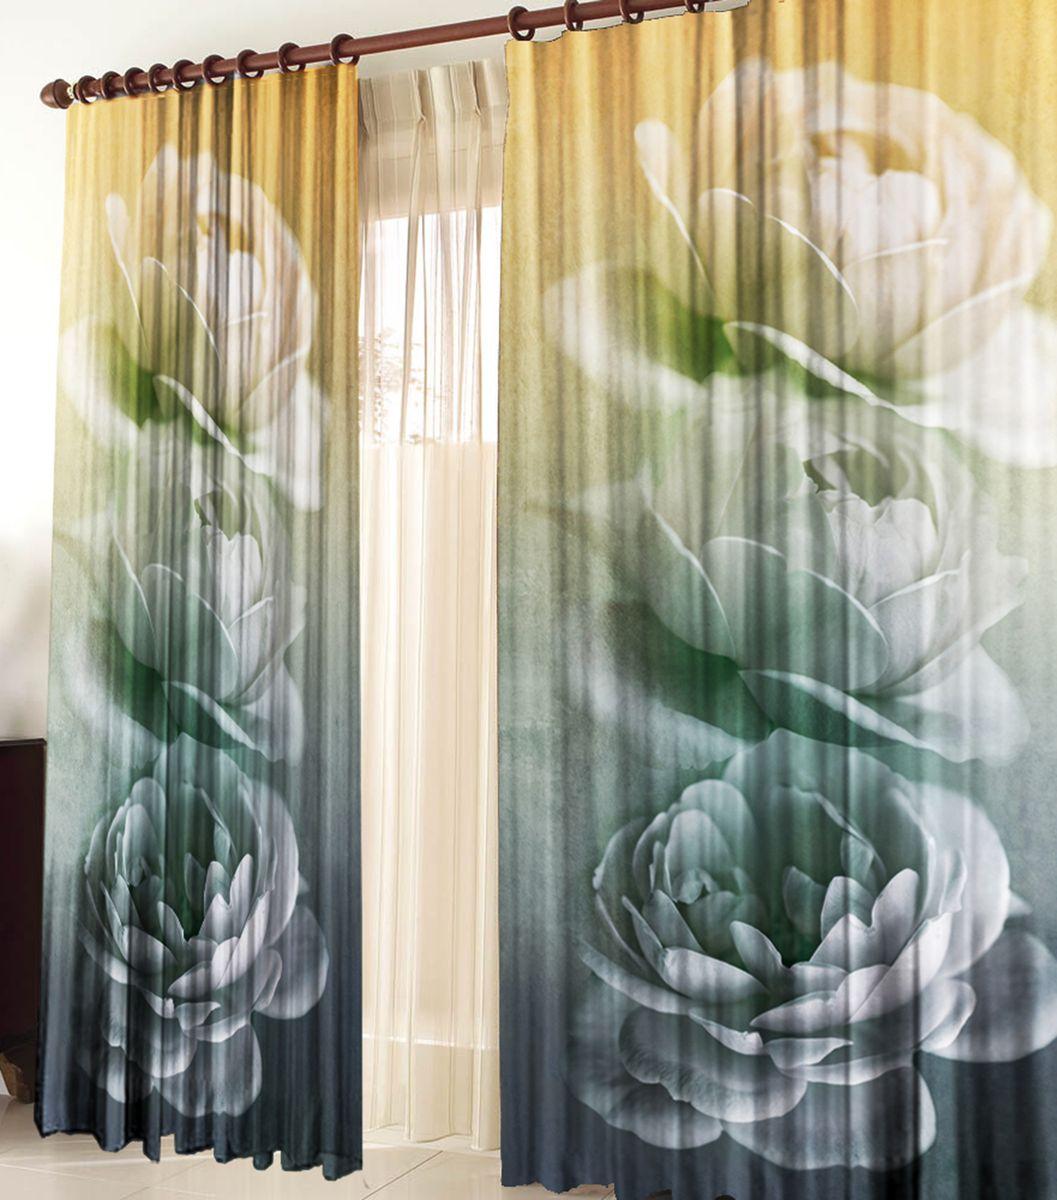 Комплект фотоштор Zlata Korunka Грезы, на ленте, высота 270 см21185Комплект фотоштор Zlata Korunka изготовлен из габардиновой ткани высочайшего качества. Фотошторы способны не пропускать самый яркий свет, их можно гладить и стирать. Рекомендации по уходу: бережная стирка при 30°С, деликатный отжим, отбеливание запрещено, гладить при температуре не более 150°С. Светопоглощение 70%. Плотность ткани: 150 г/м2. Оттенок изделия может отличаться от представленного на сайте в силу особенностей цветопередачи фототехники и вашего монитора.